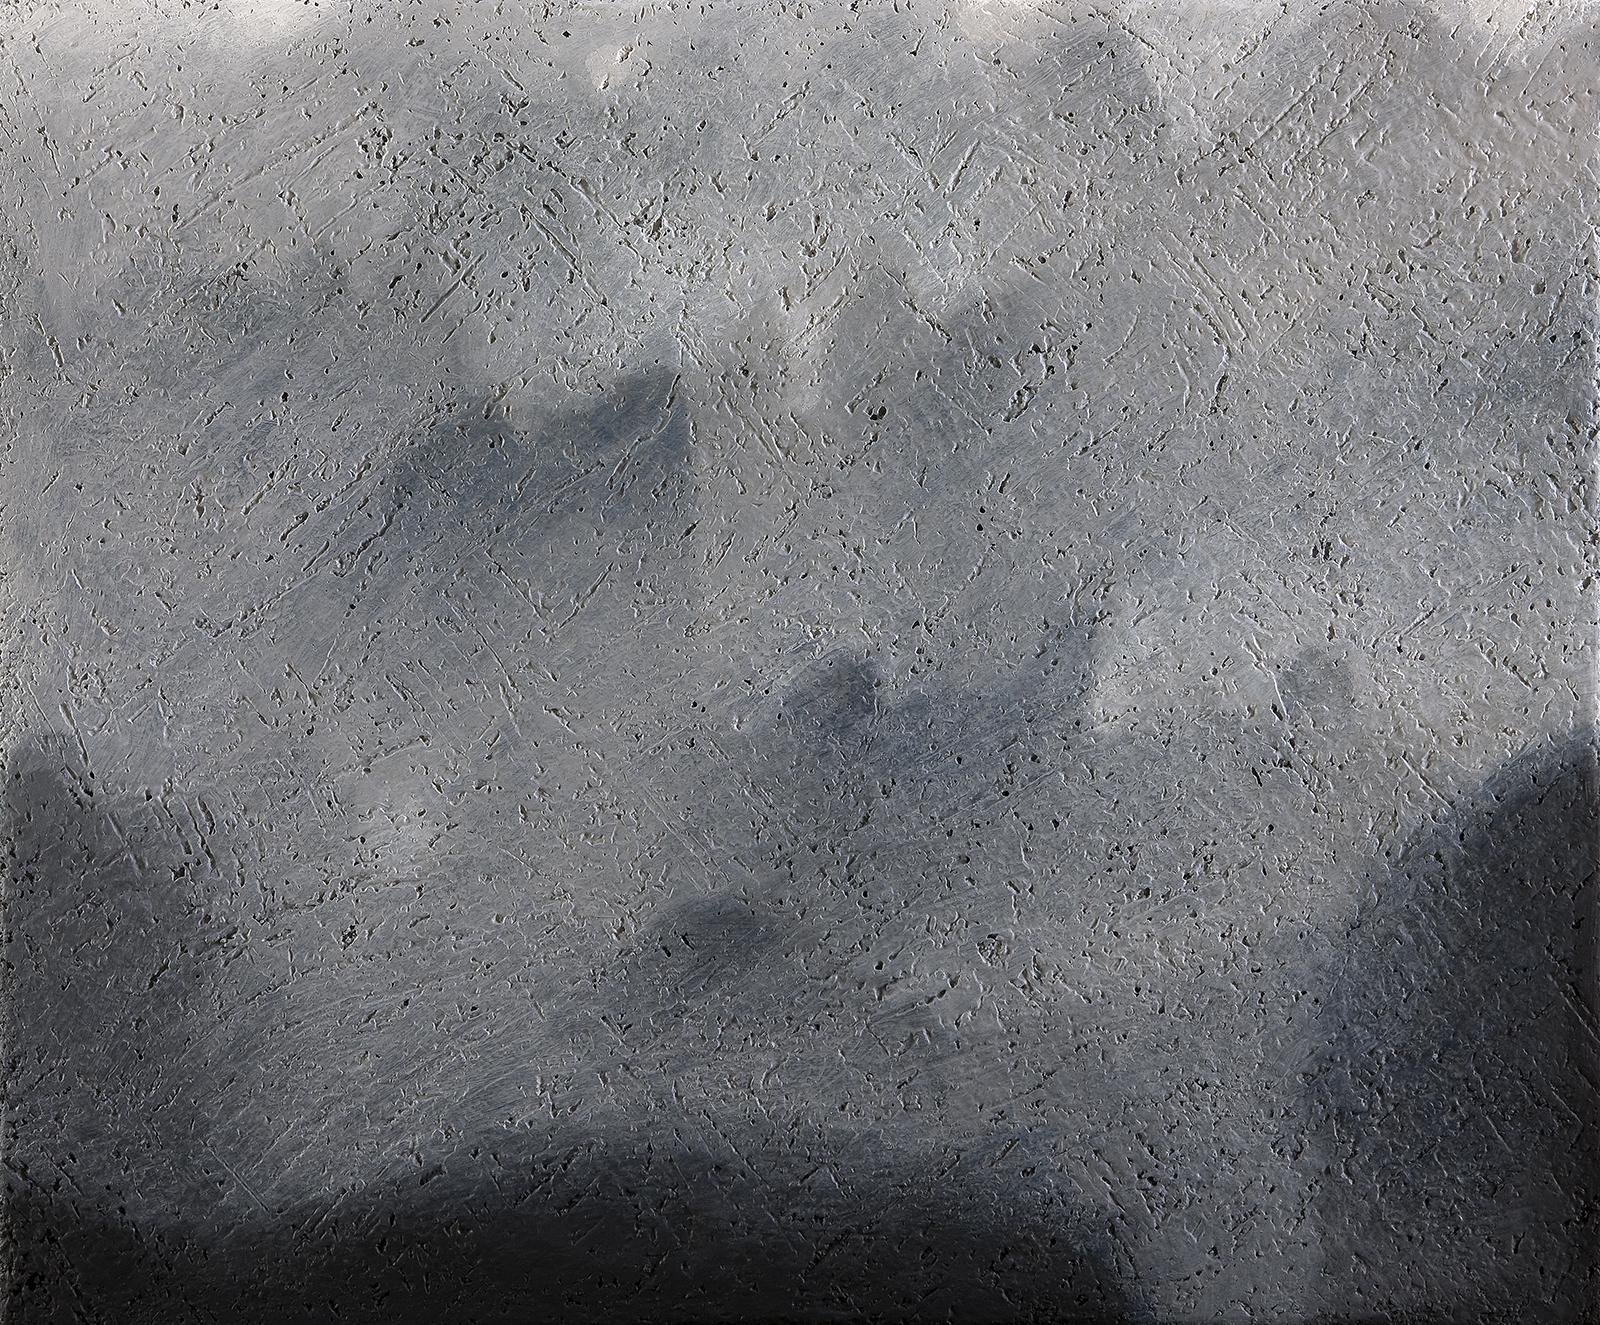 Destinazione provvisoria, 2008 acrilico e olio su tela 50 x 60 cm